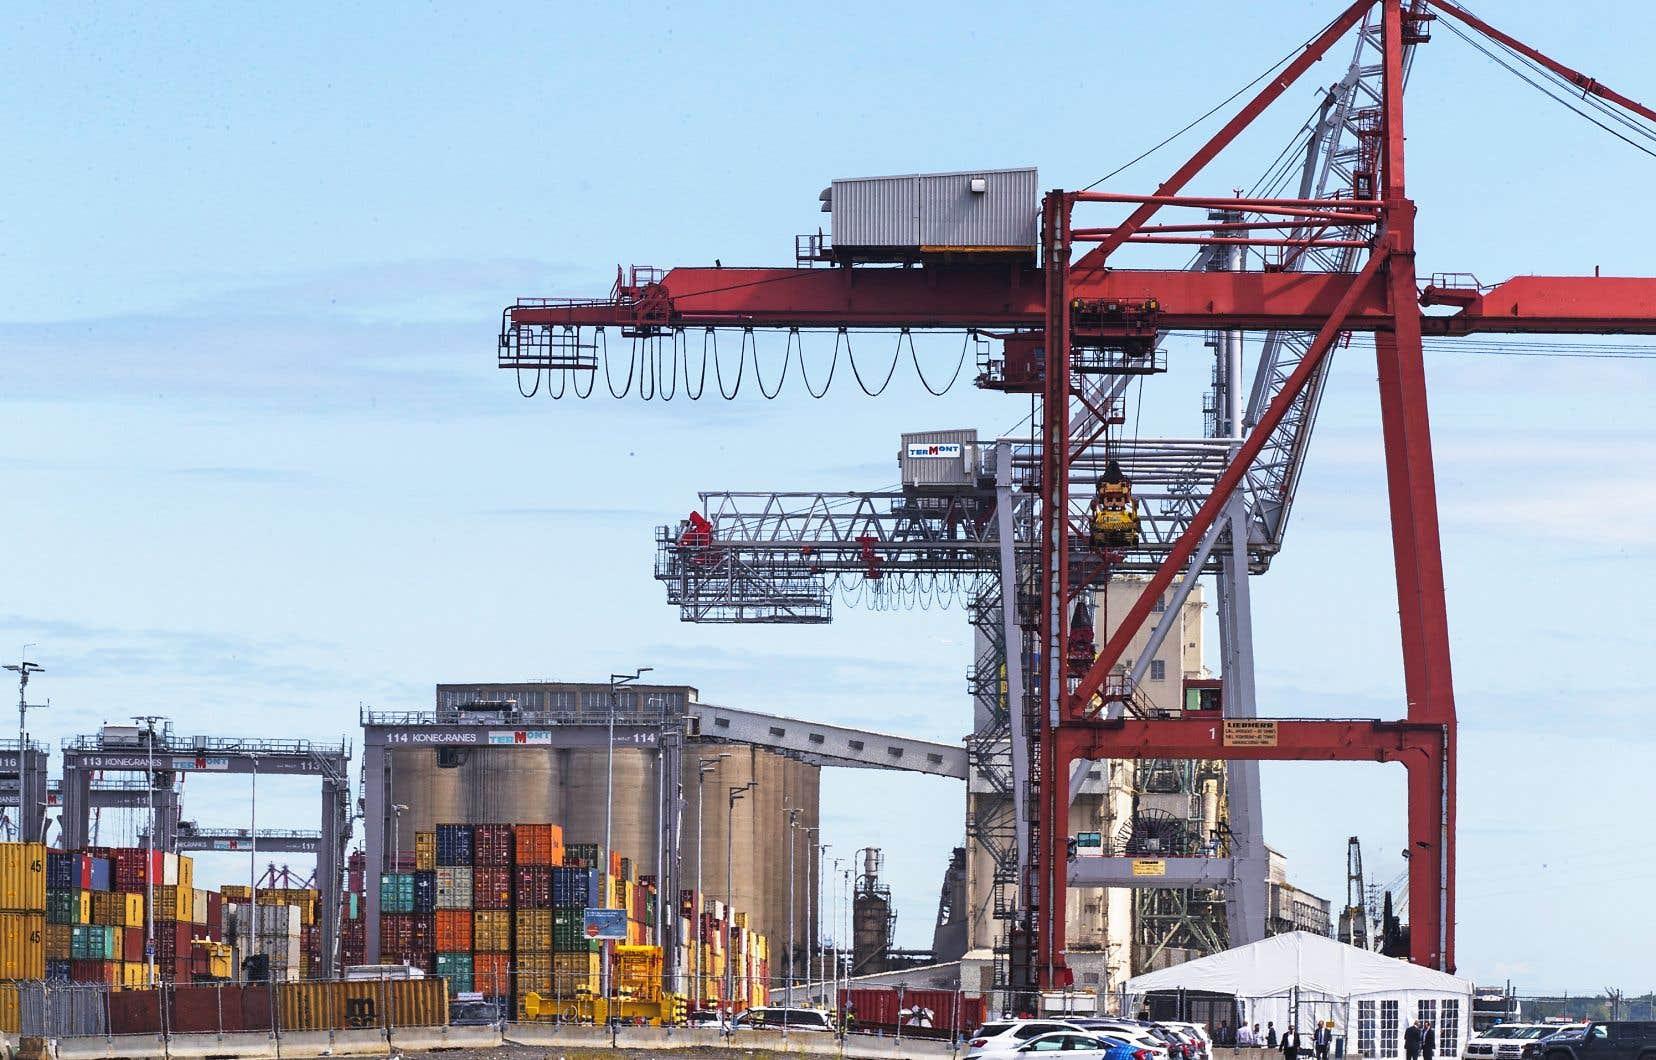 «En 2020, nous croyons qu'il est temps que la gestion du Port de Montréal fasse preuve d'un bon leadership et comprenne que ce qui était raisonnable autrefois ne l'est plus aujourd'hui», écrit l'auteur.